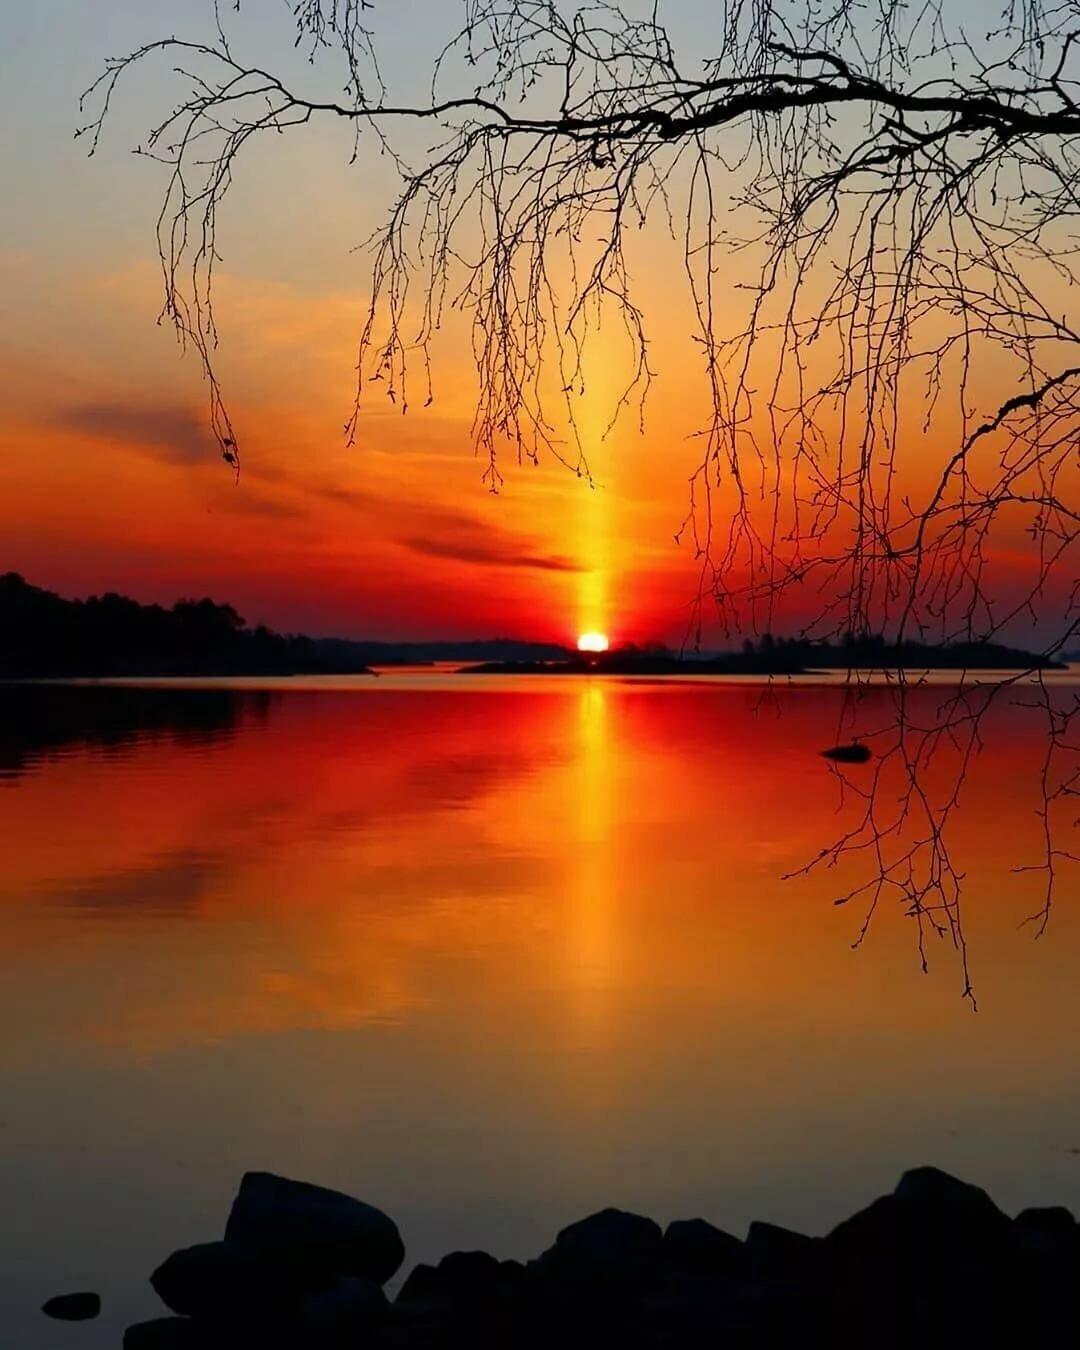 дыхательный орган как фотографировать закаты и рассветы всего его жалко